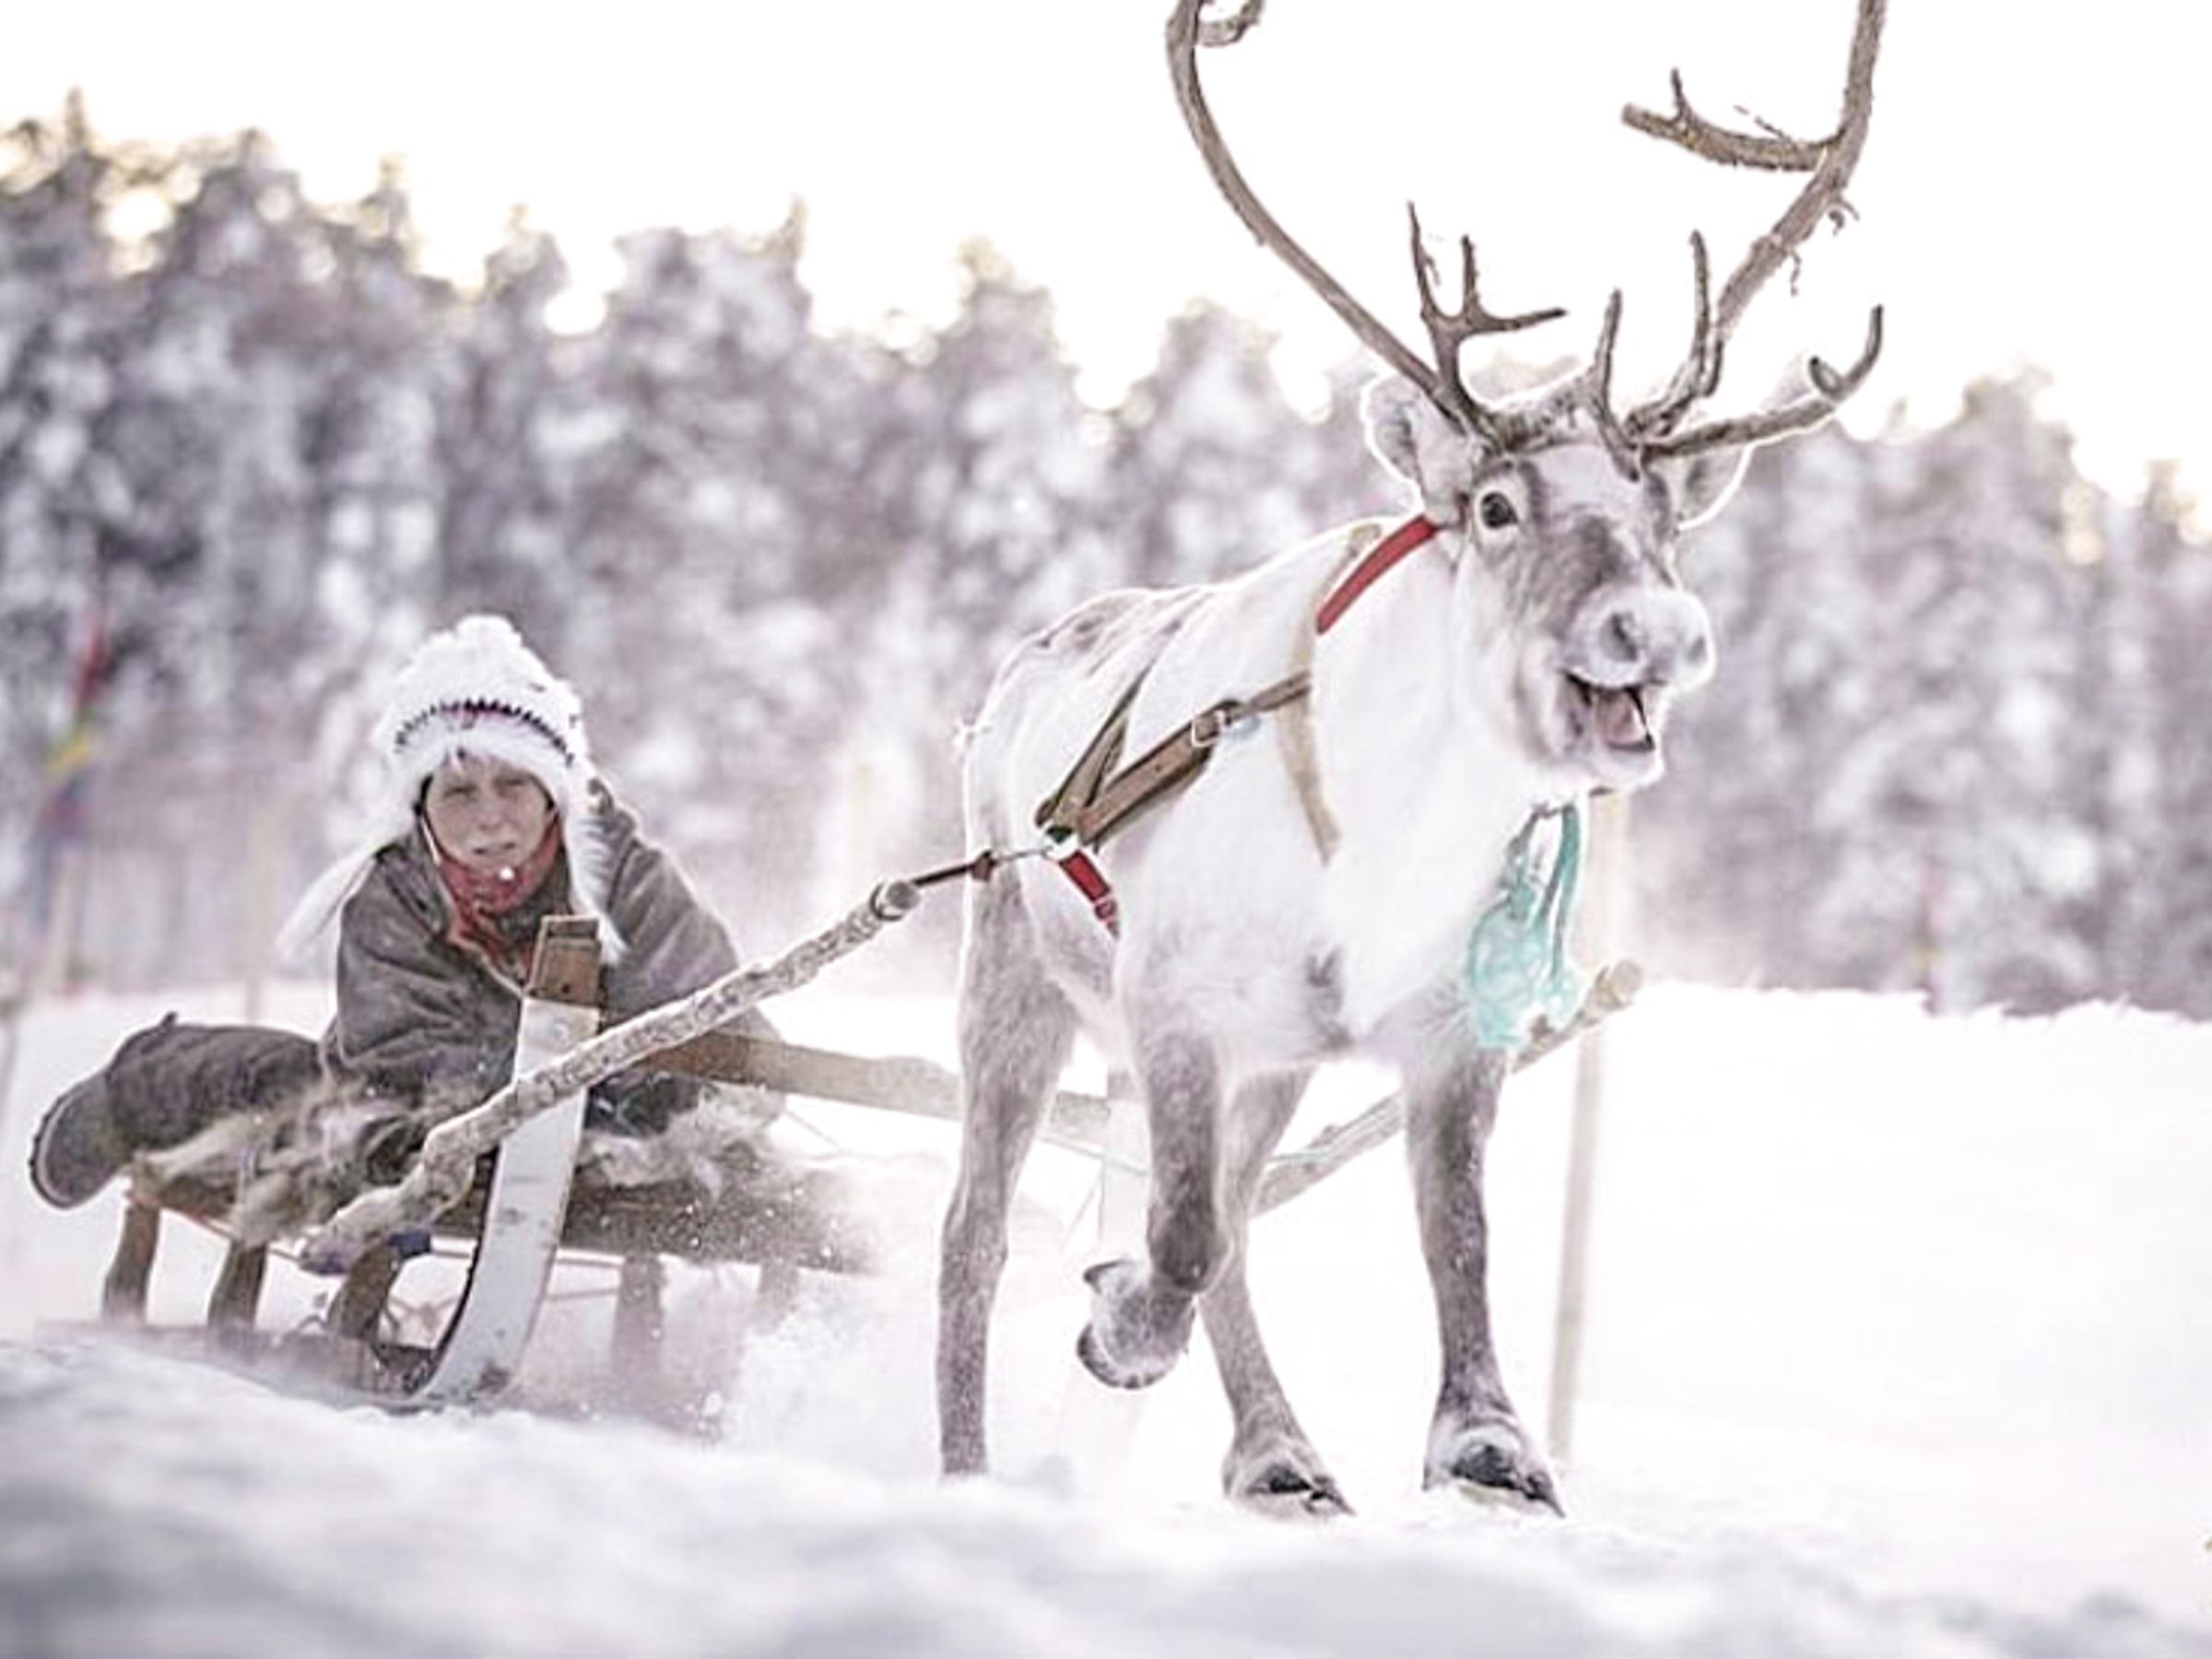 Sami and Reindeer experience  薩米少數民族和馴鹿體驗